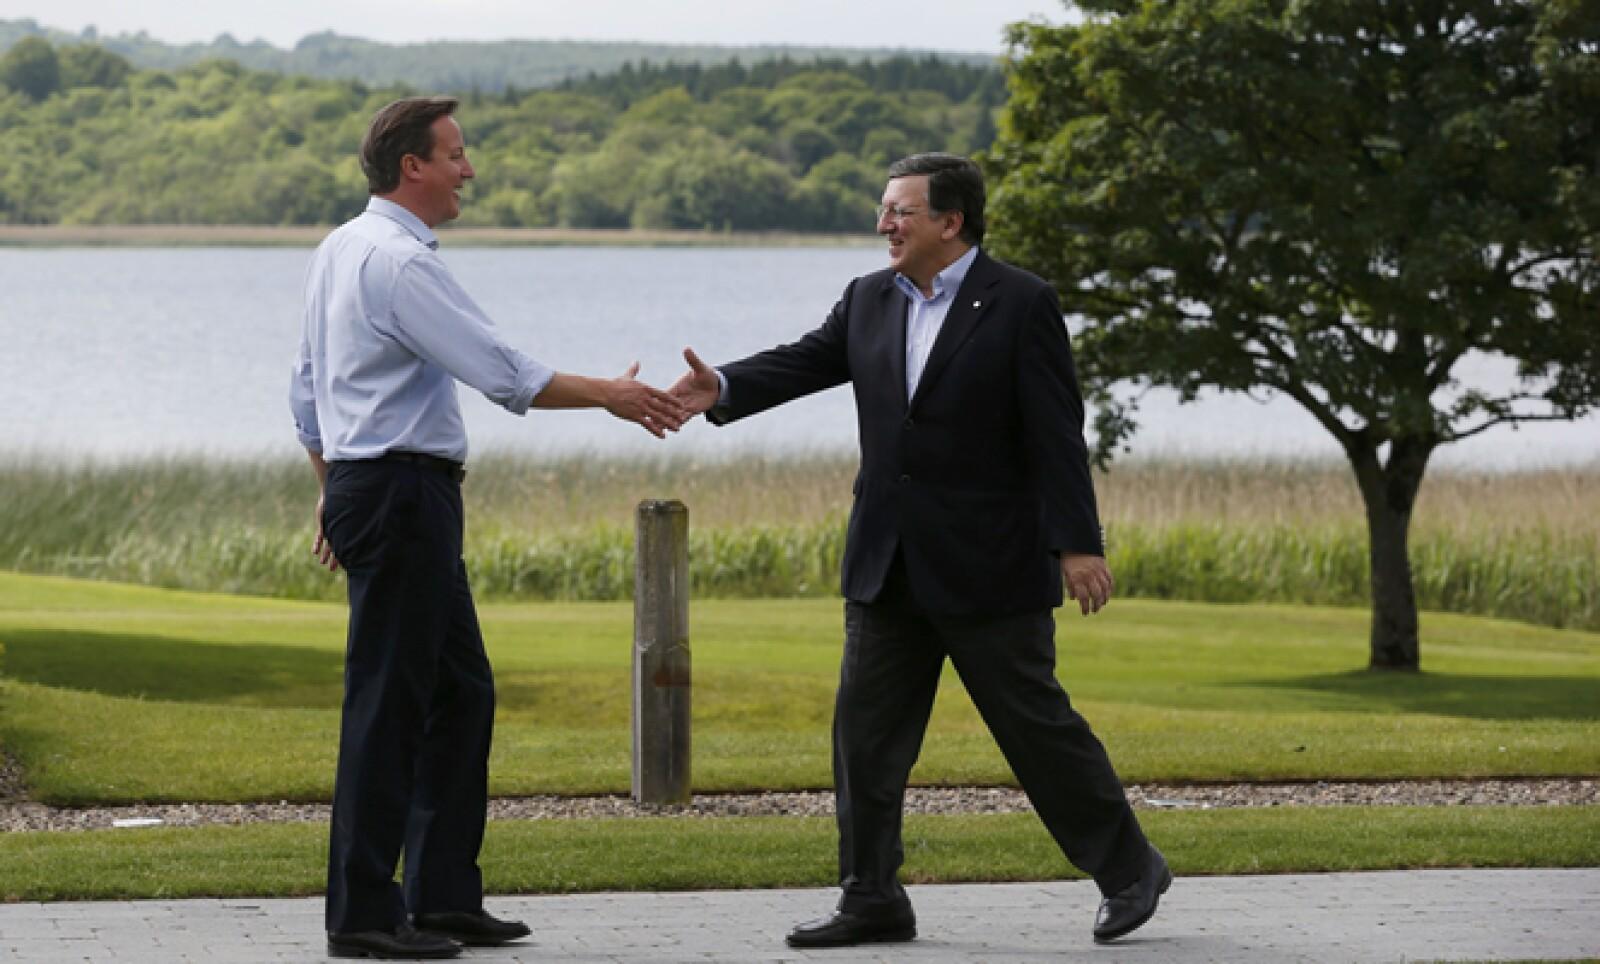 El presidente de la Comisión Europea, José Manuel Barroso, a su llegada a Irlanda del Norte, donde se prevé que también se toquen temas 'espinosos' como la fuga de capitales y la evasión fiscal.